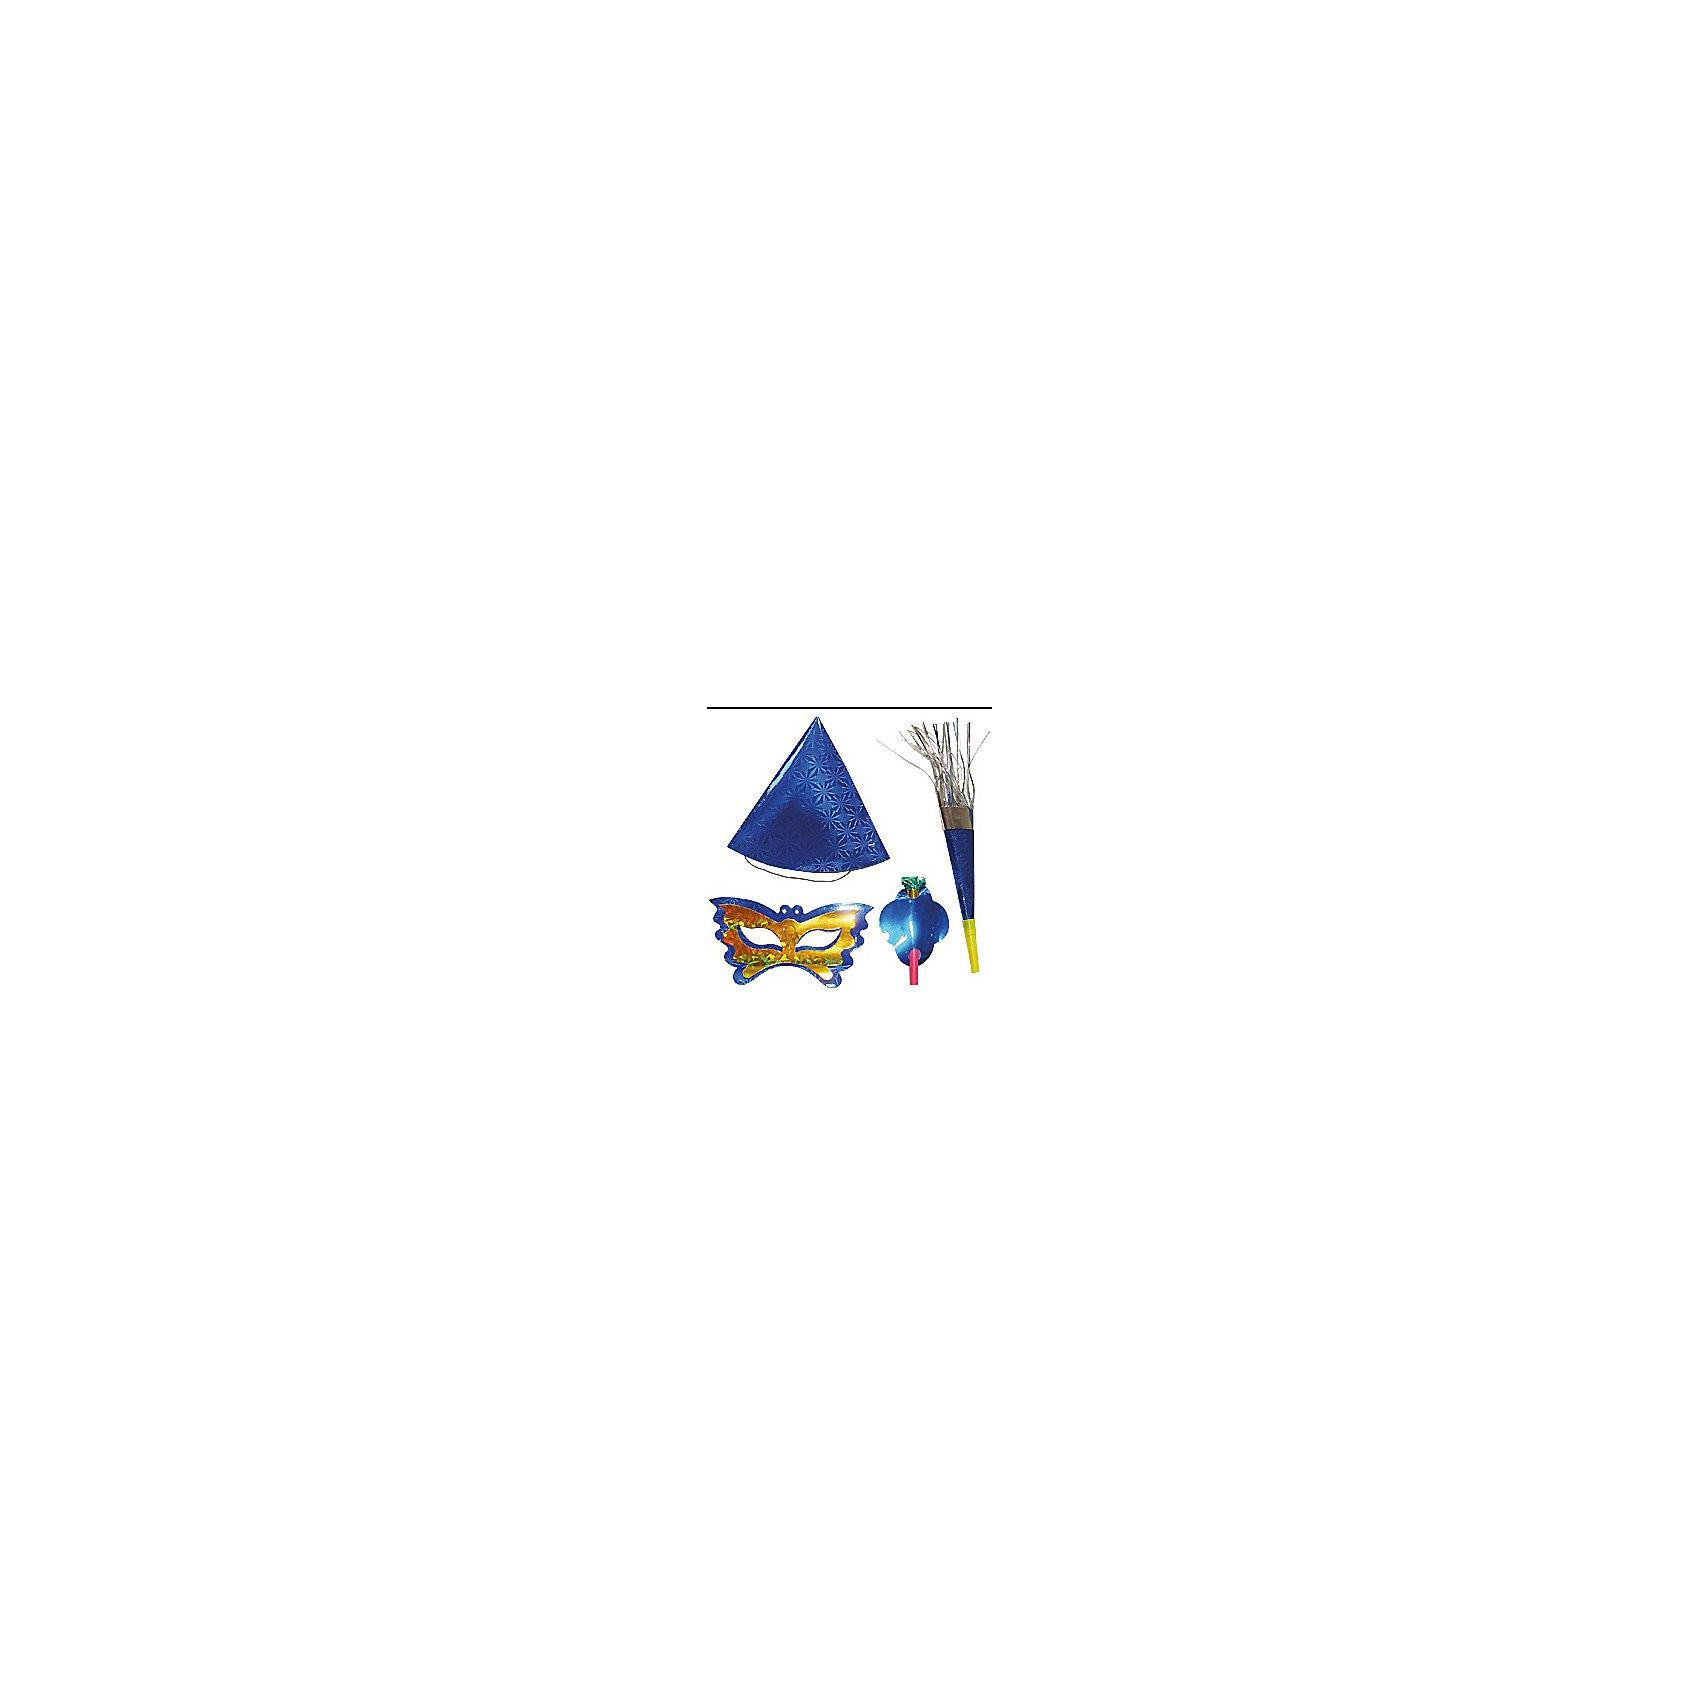 Marko Ferenzo Набор карнавальный Праздничный (колпак, маска, язычок, дудочка) marko ferenzo набор желудей 3 шт grande 4 см золотой